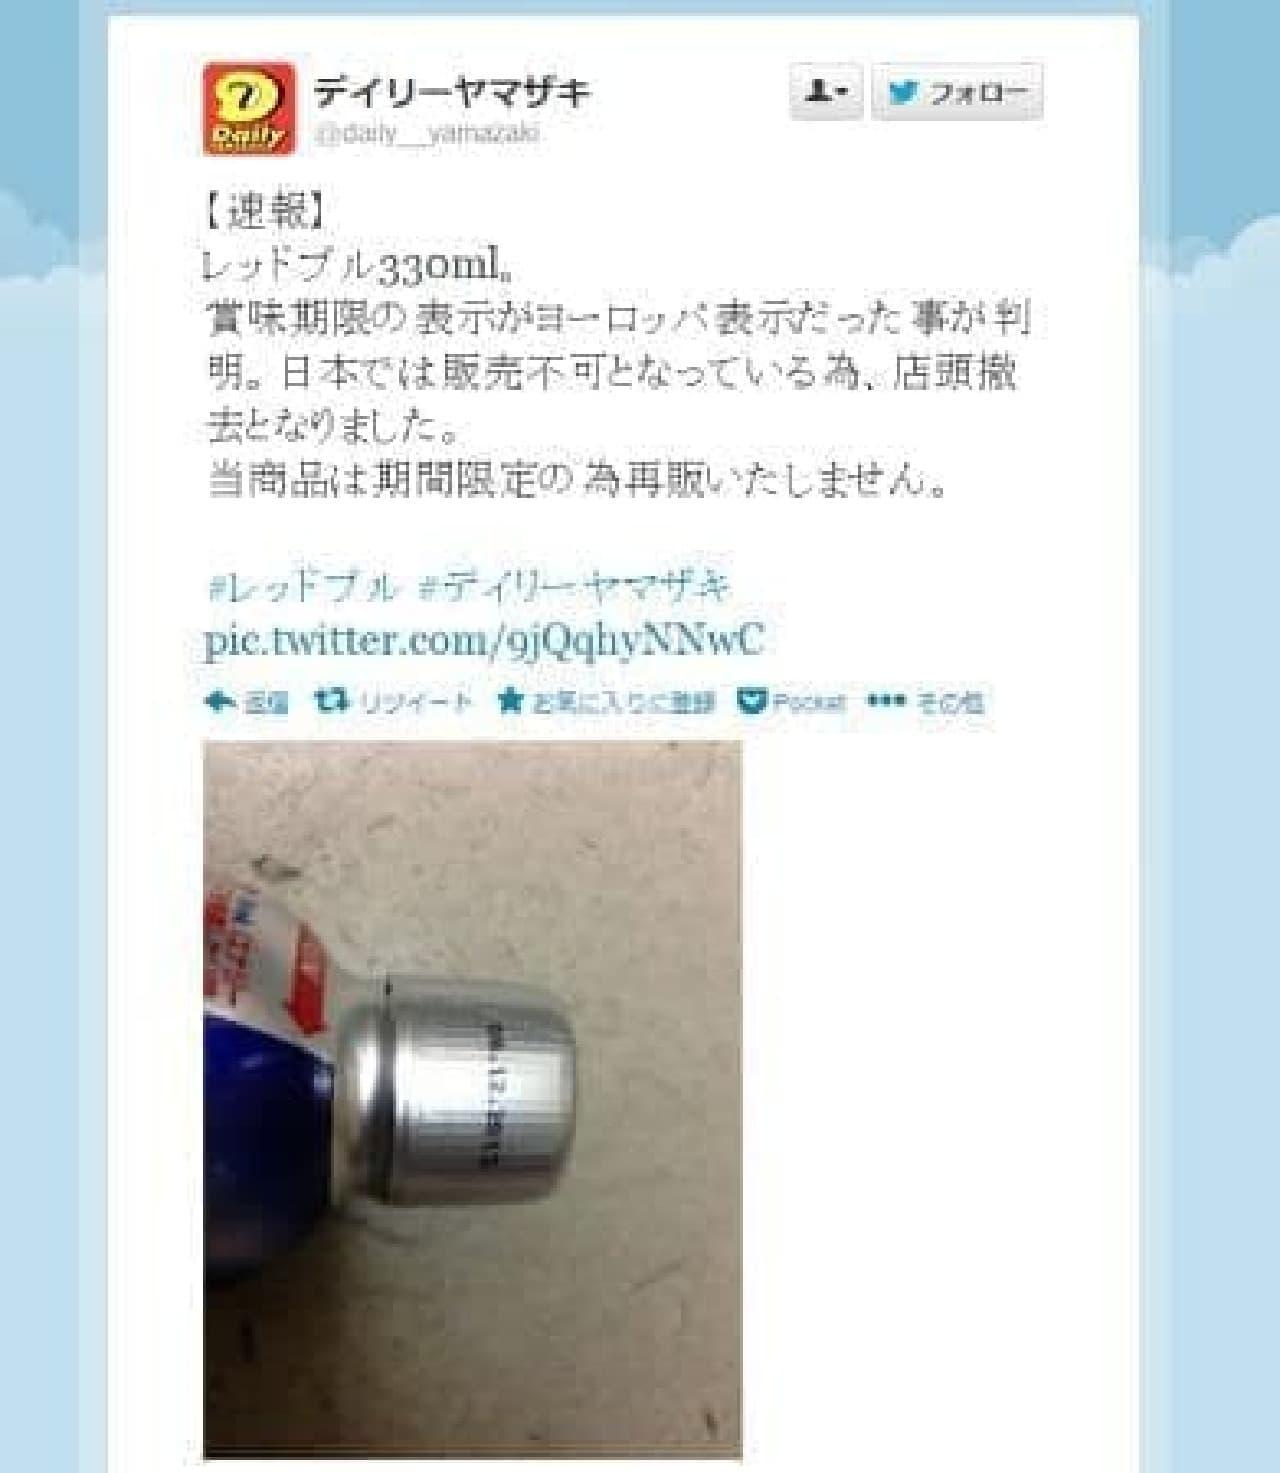 日本では見かけない賞味期限表示だ